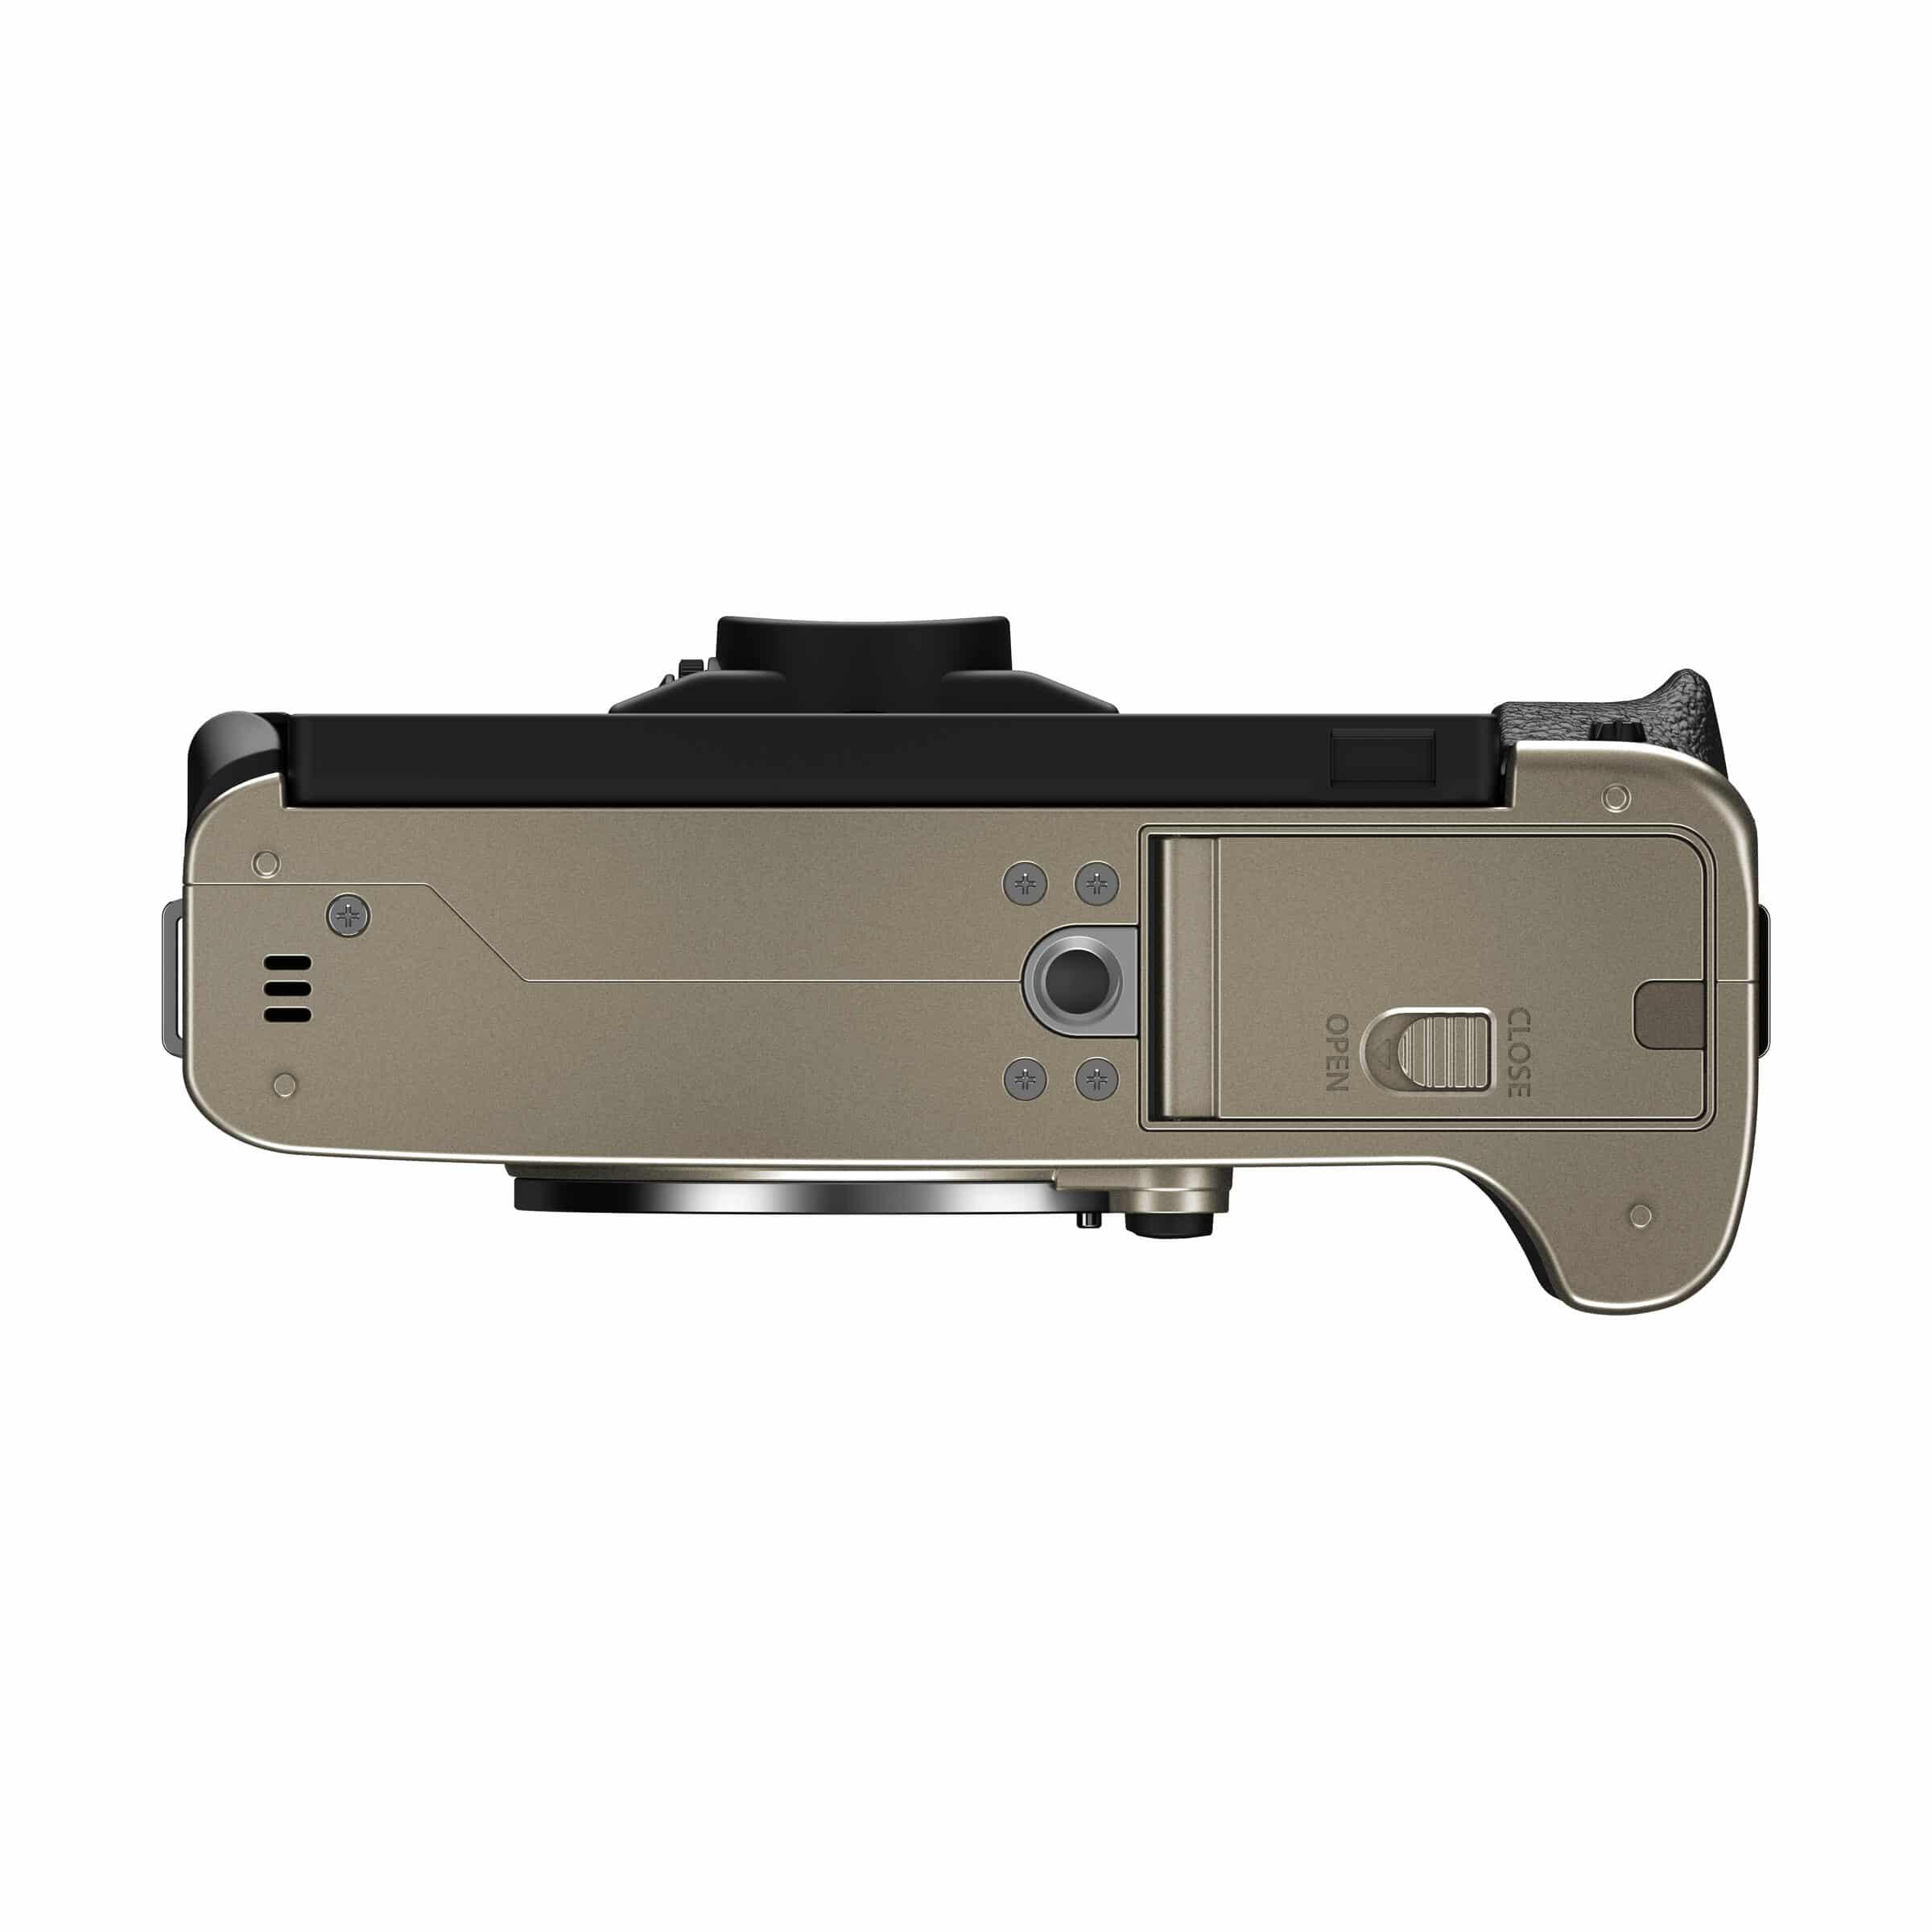 Fujifilm X-T200 + XC 15-45mm OIS PZ : Champagner-Gold